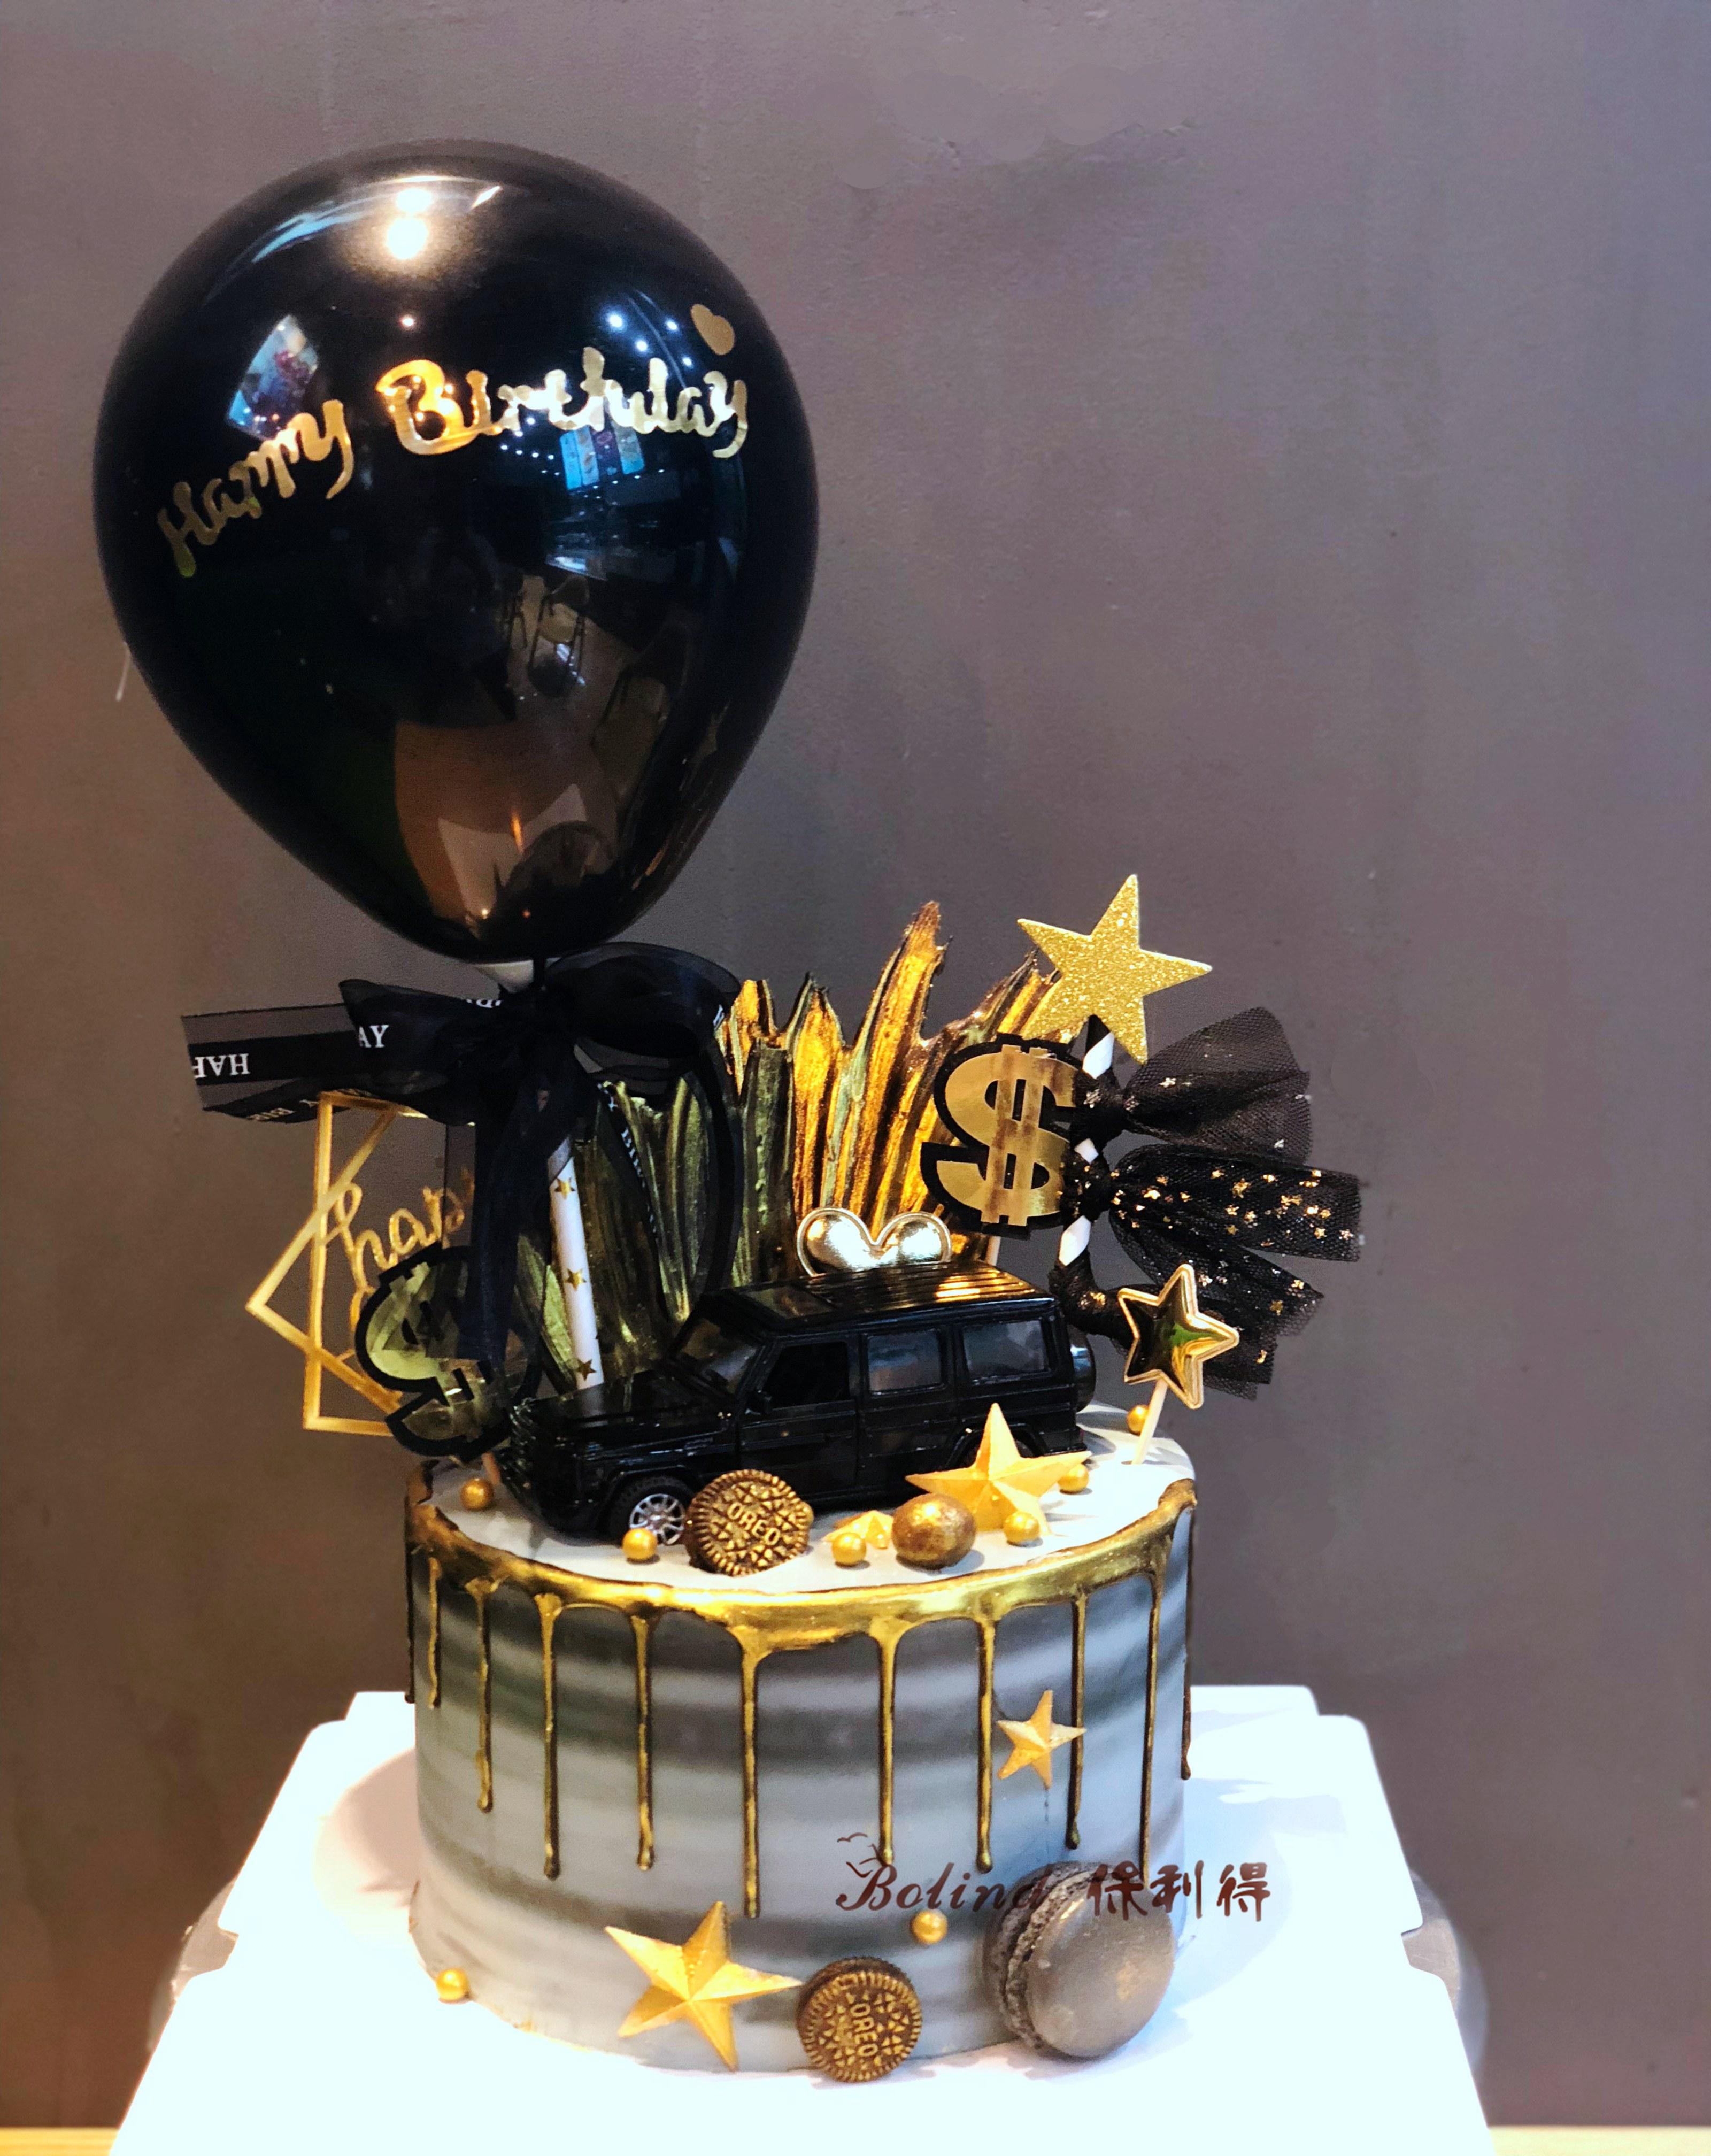 11月05日最新优惠大G小汽车生日蛋糕送男生男友男孩ins抖音网红长沙同城配送